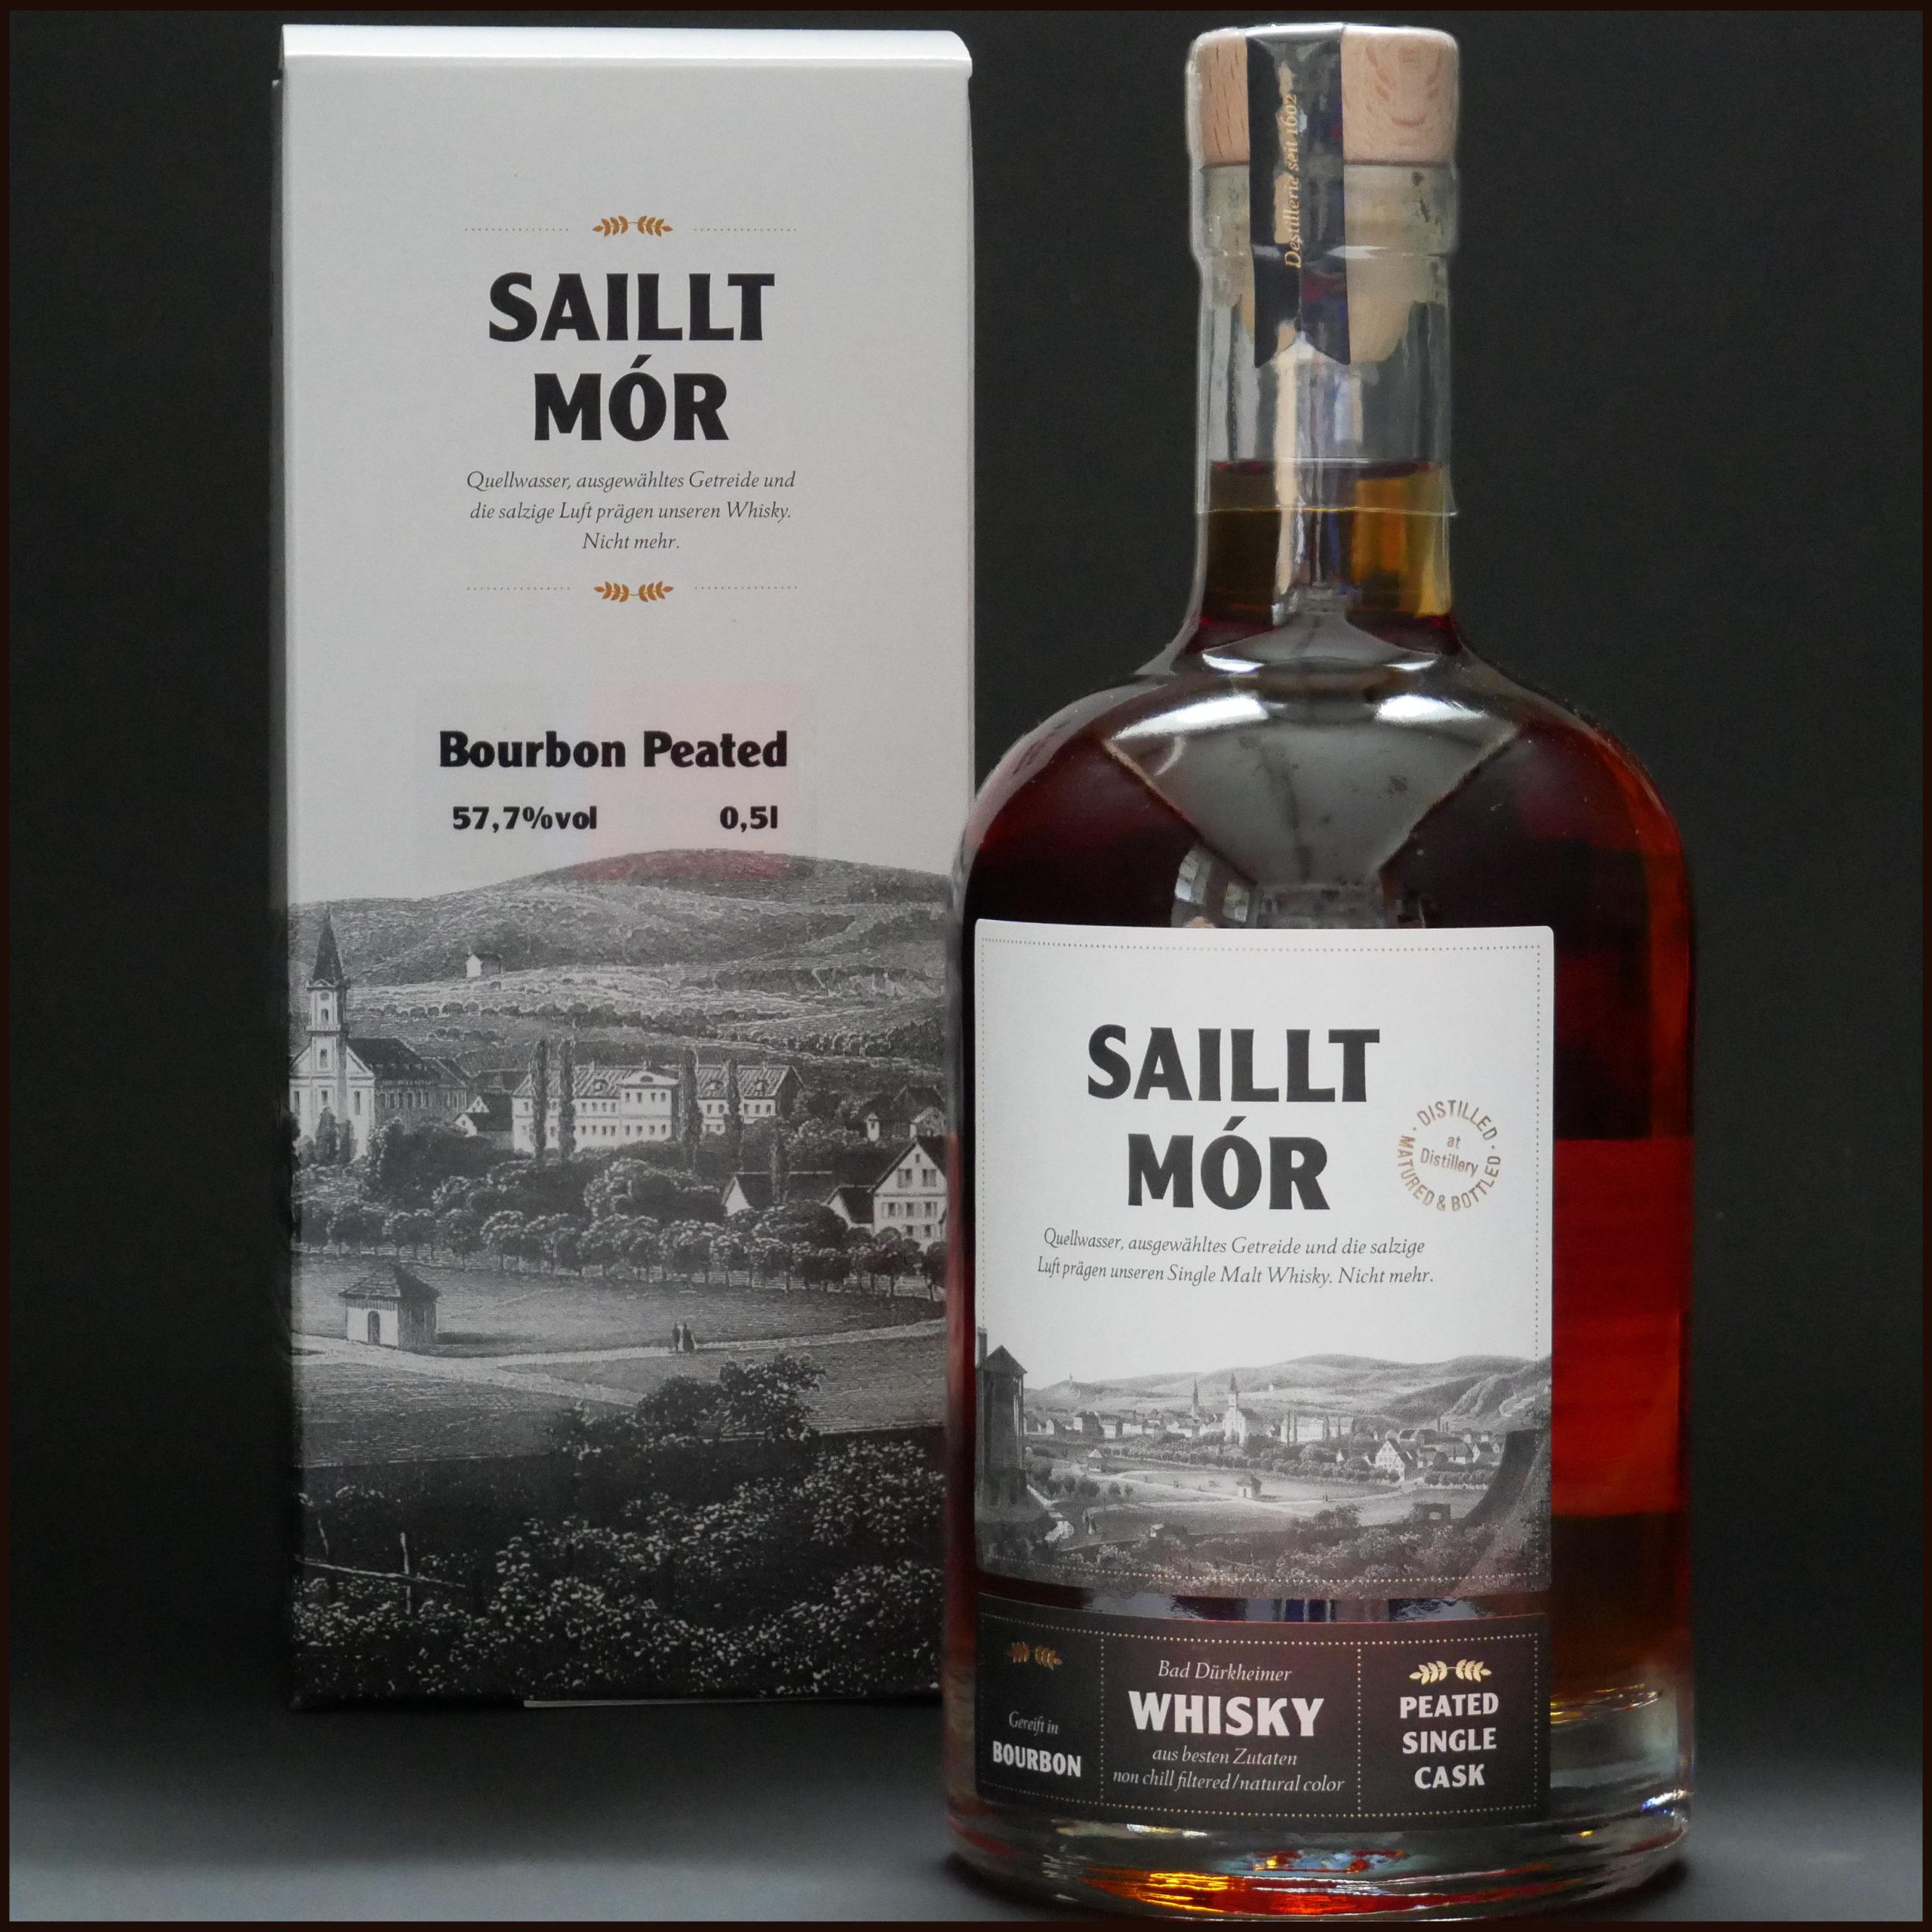 Produktbild des Woodford Reserve Whiskys